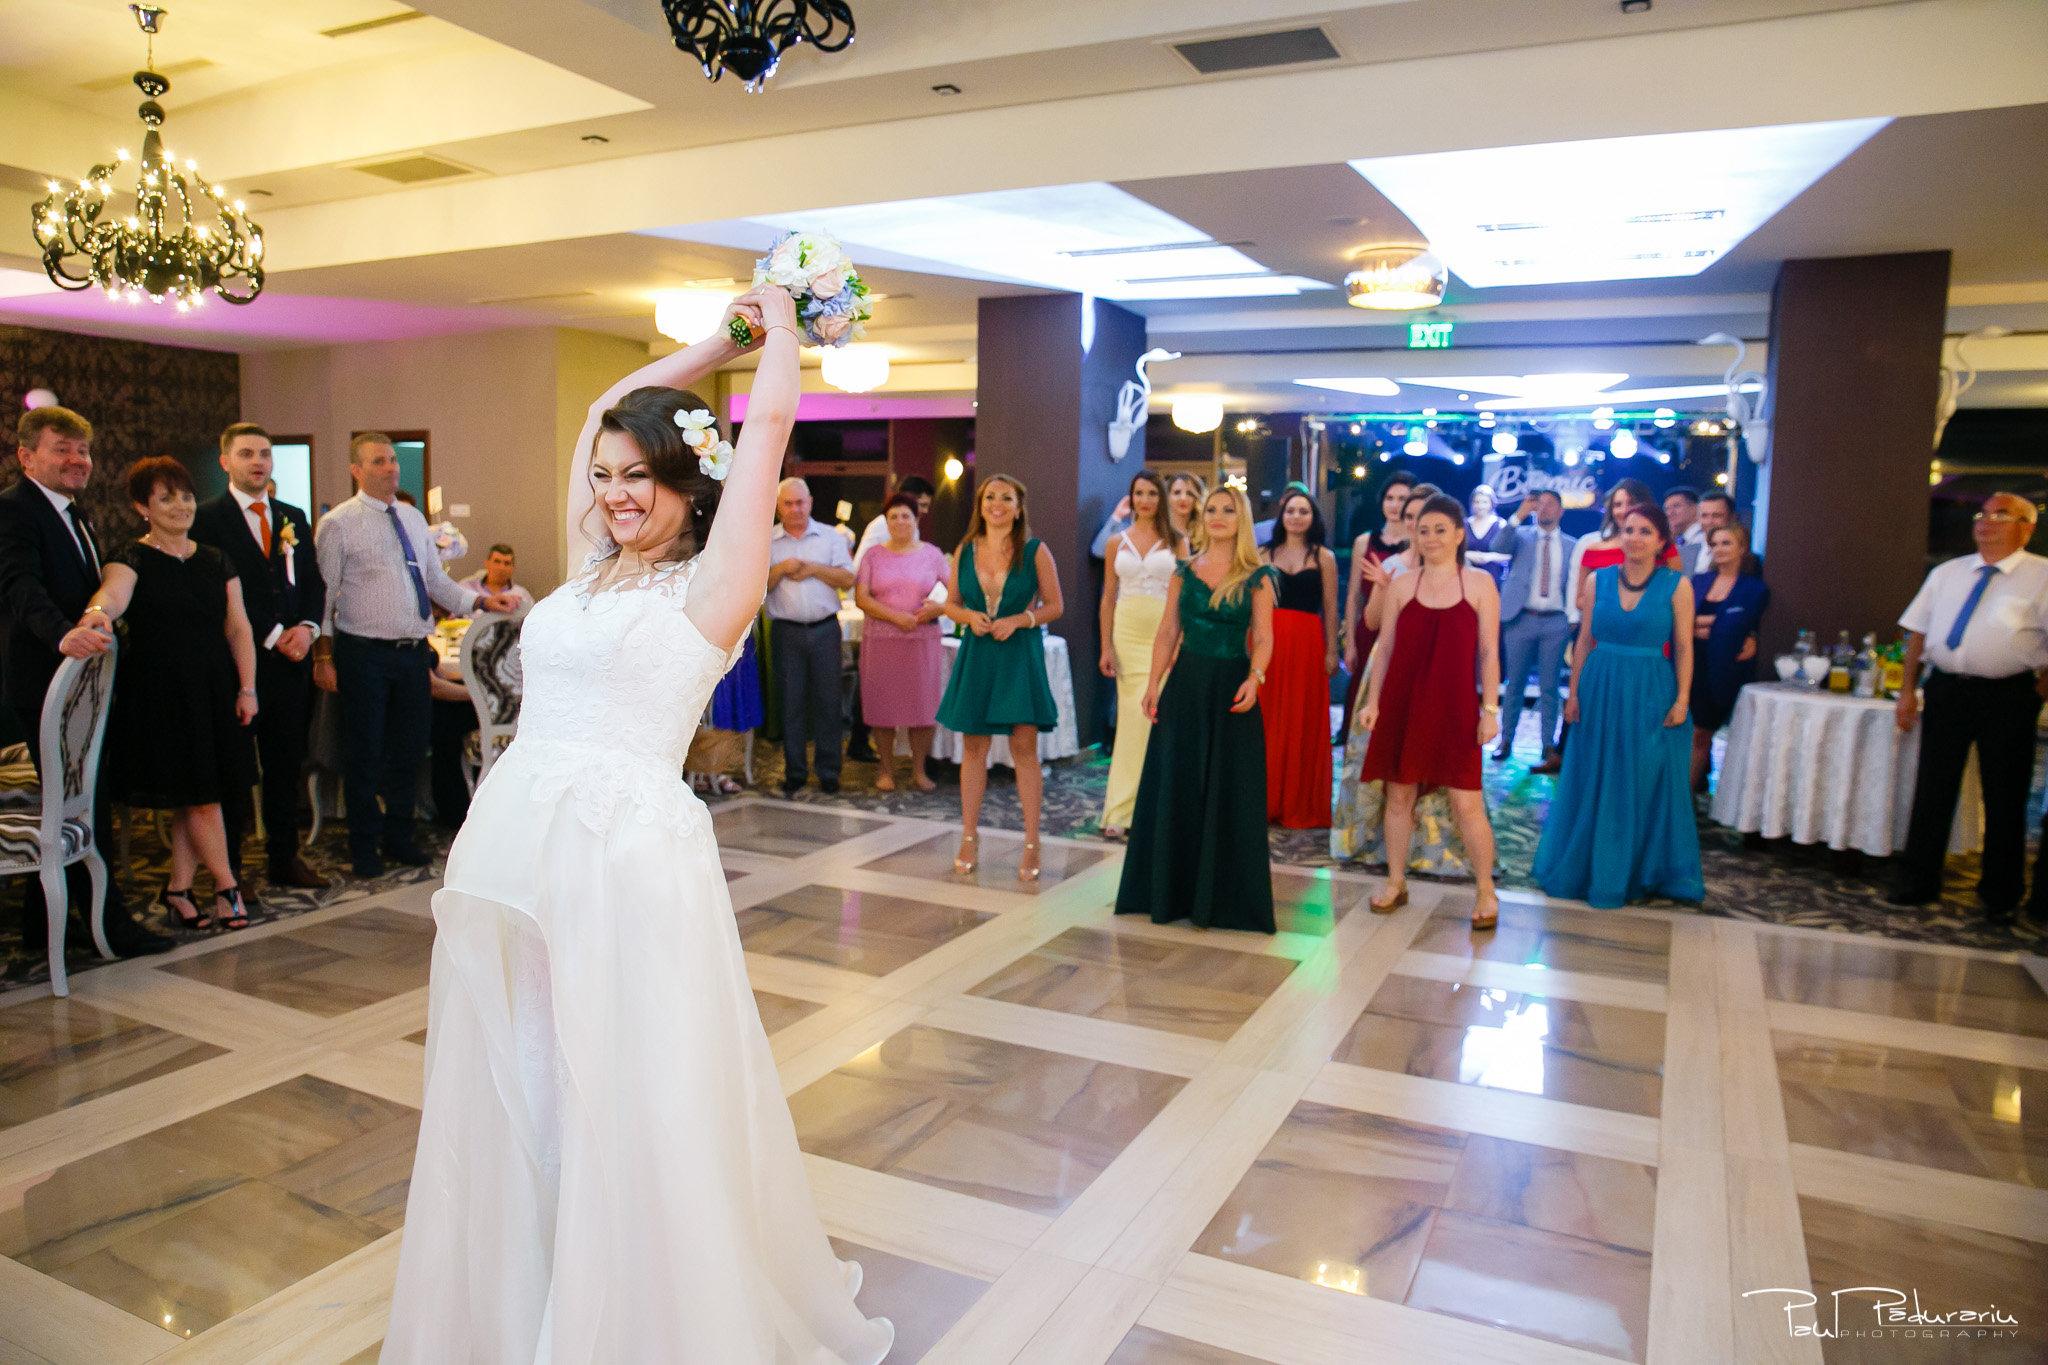 Aruncatul buchetului Ariadna si Iulian petrecere nunta Iasi www.paulpadurariu.ro © 2017 Paul Padurariu fotograf profesionist